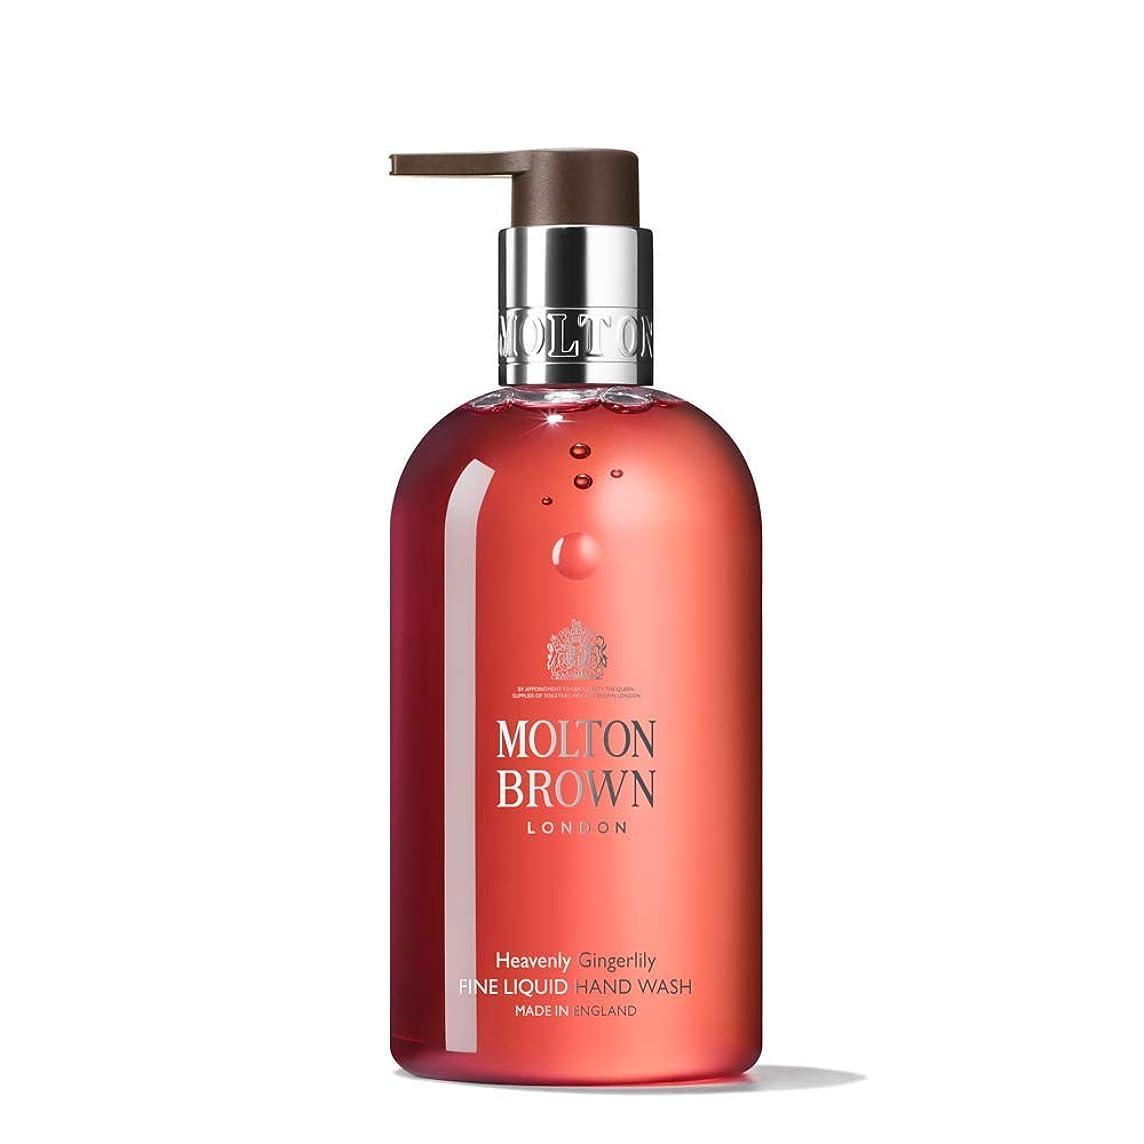 洗剤才能解き明かすMOLTON BROWN(モルトンブラウン) ジンジャーリリー コレクション GL ハンドウォッシュ